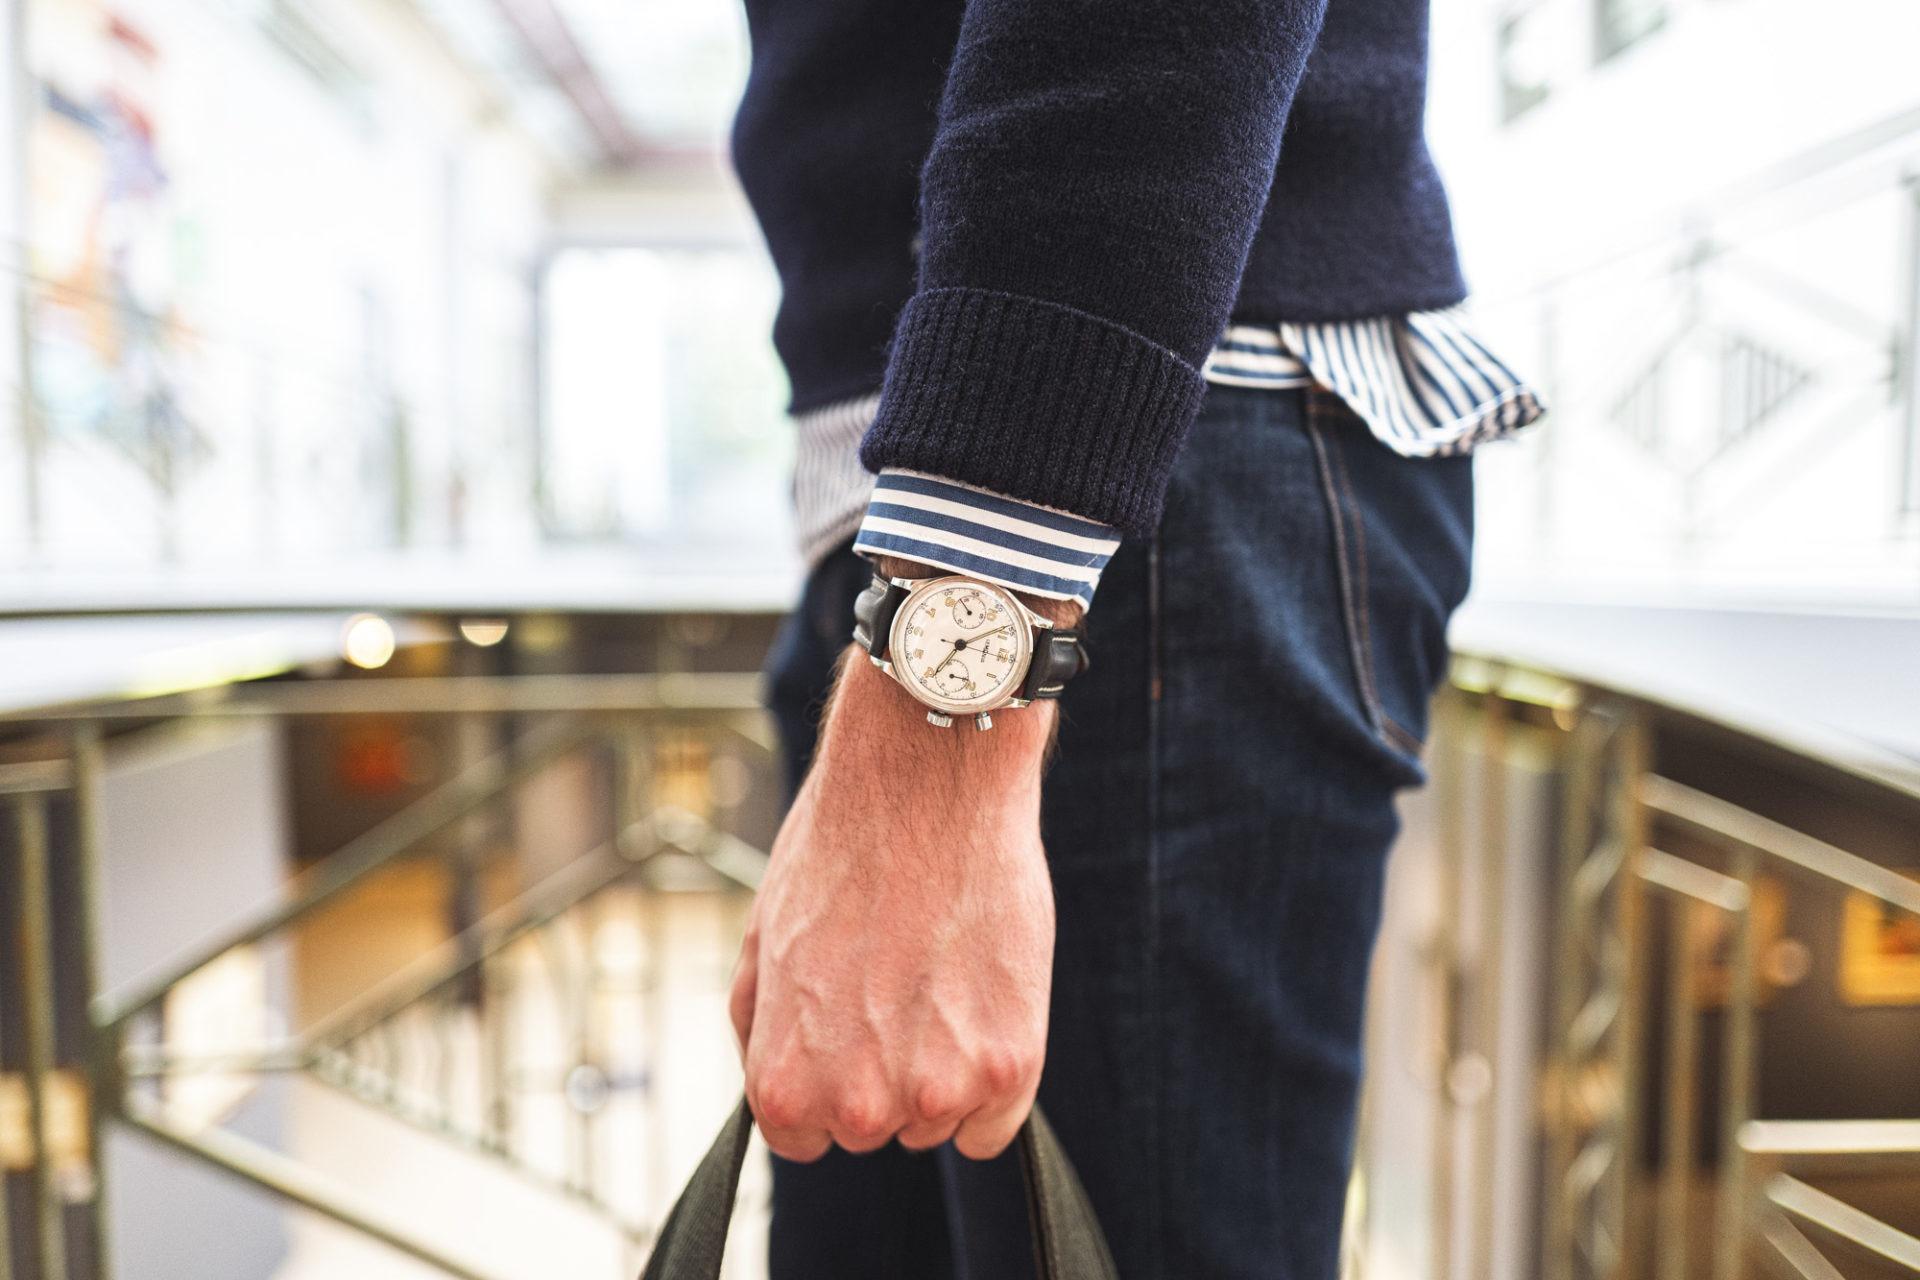 Monopoussoir Lemania - Vente importante de montres de collection par Tajan le 2 juillet